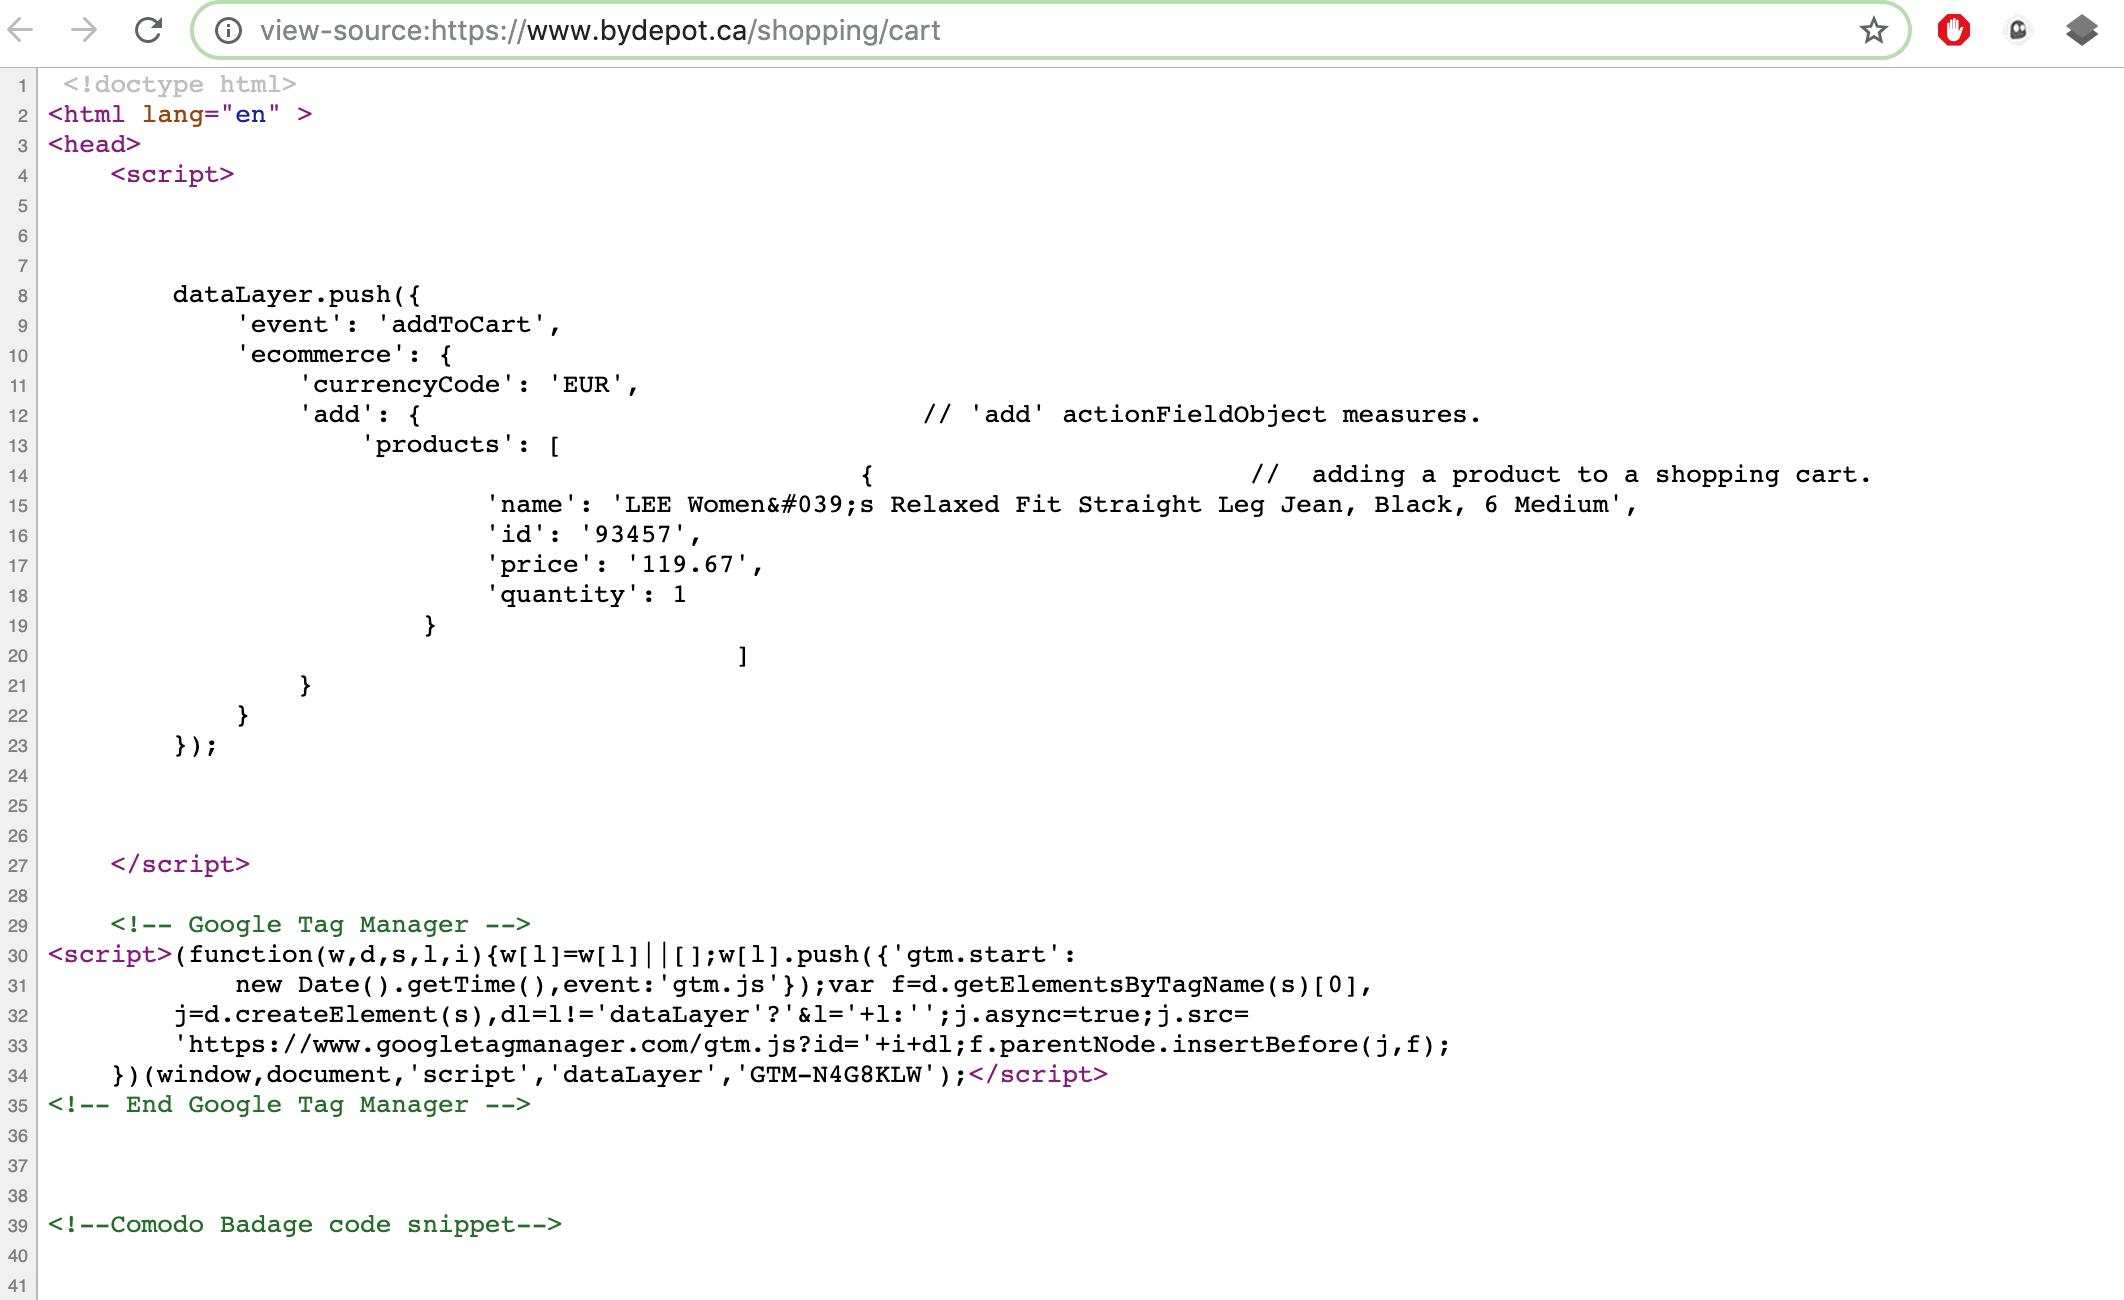 วิธีติดตั้ง Google Tag Manager บนเว็บไซต์ 4